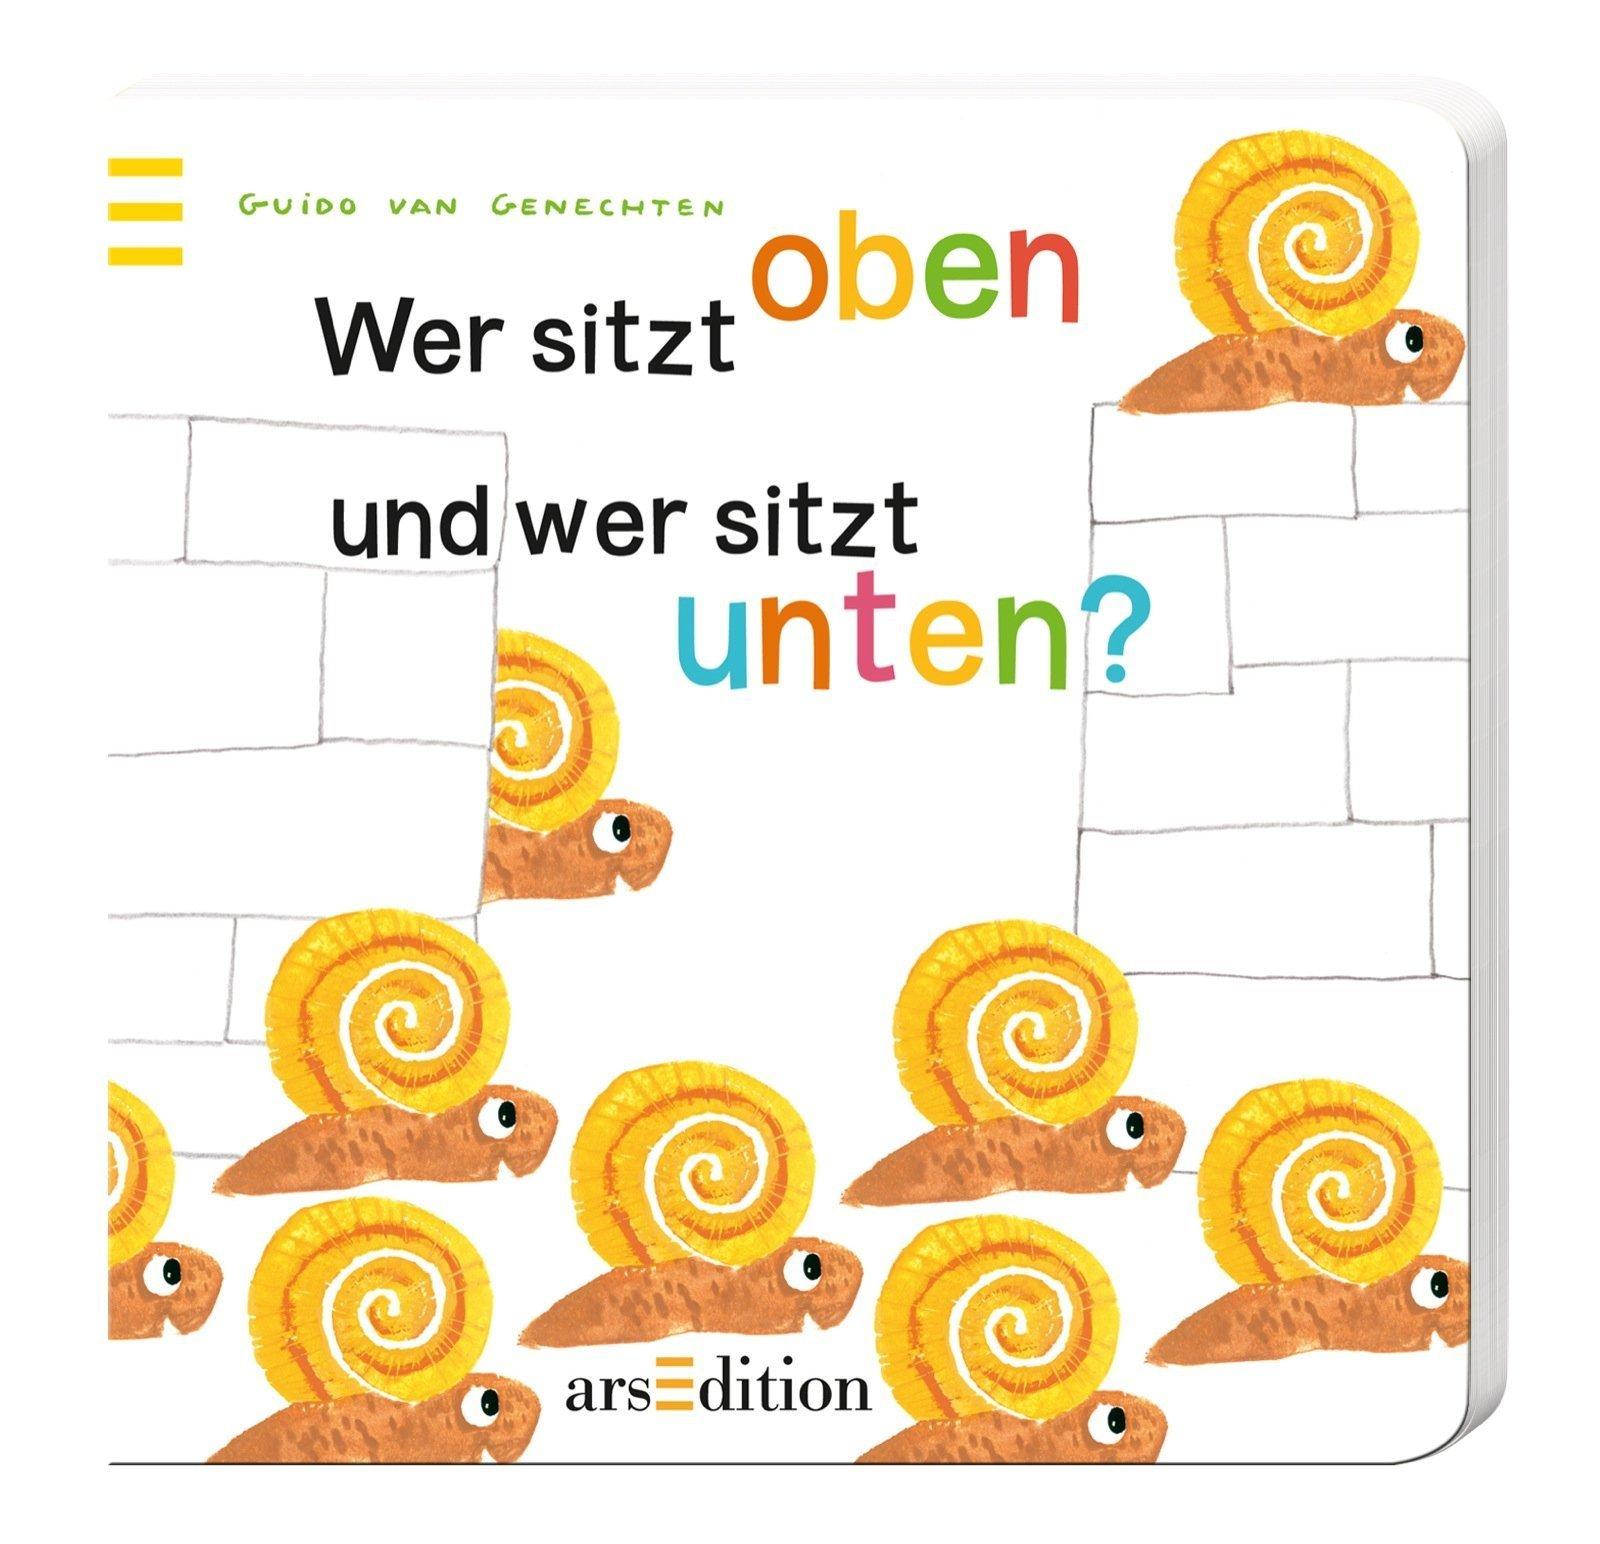 Wer sitzt oben und wer sitzt unten? von Guido van Genechten (Illustrator) (3. September 2013) Pappbilderbuch